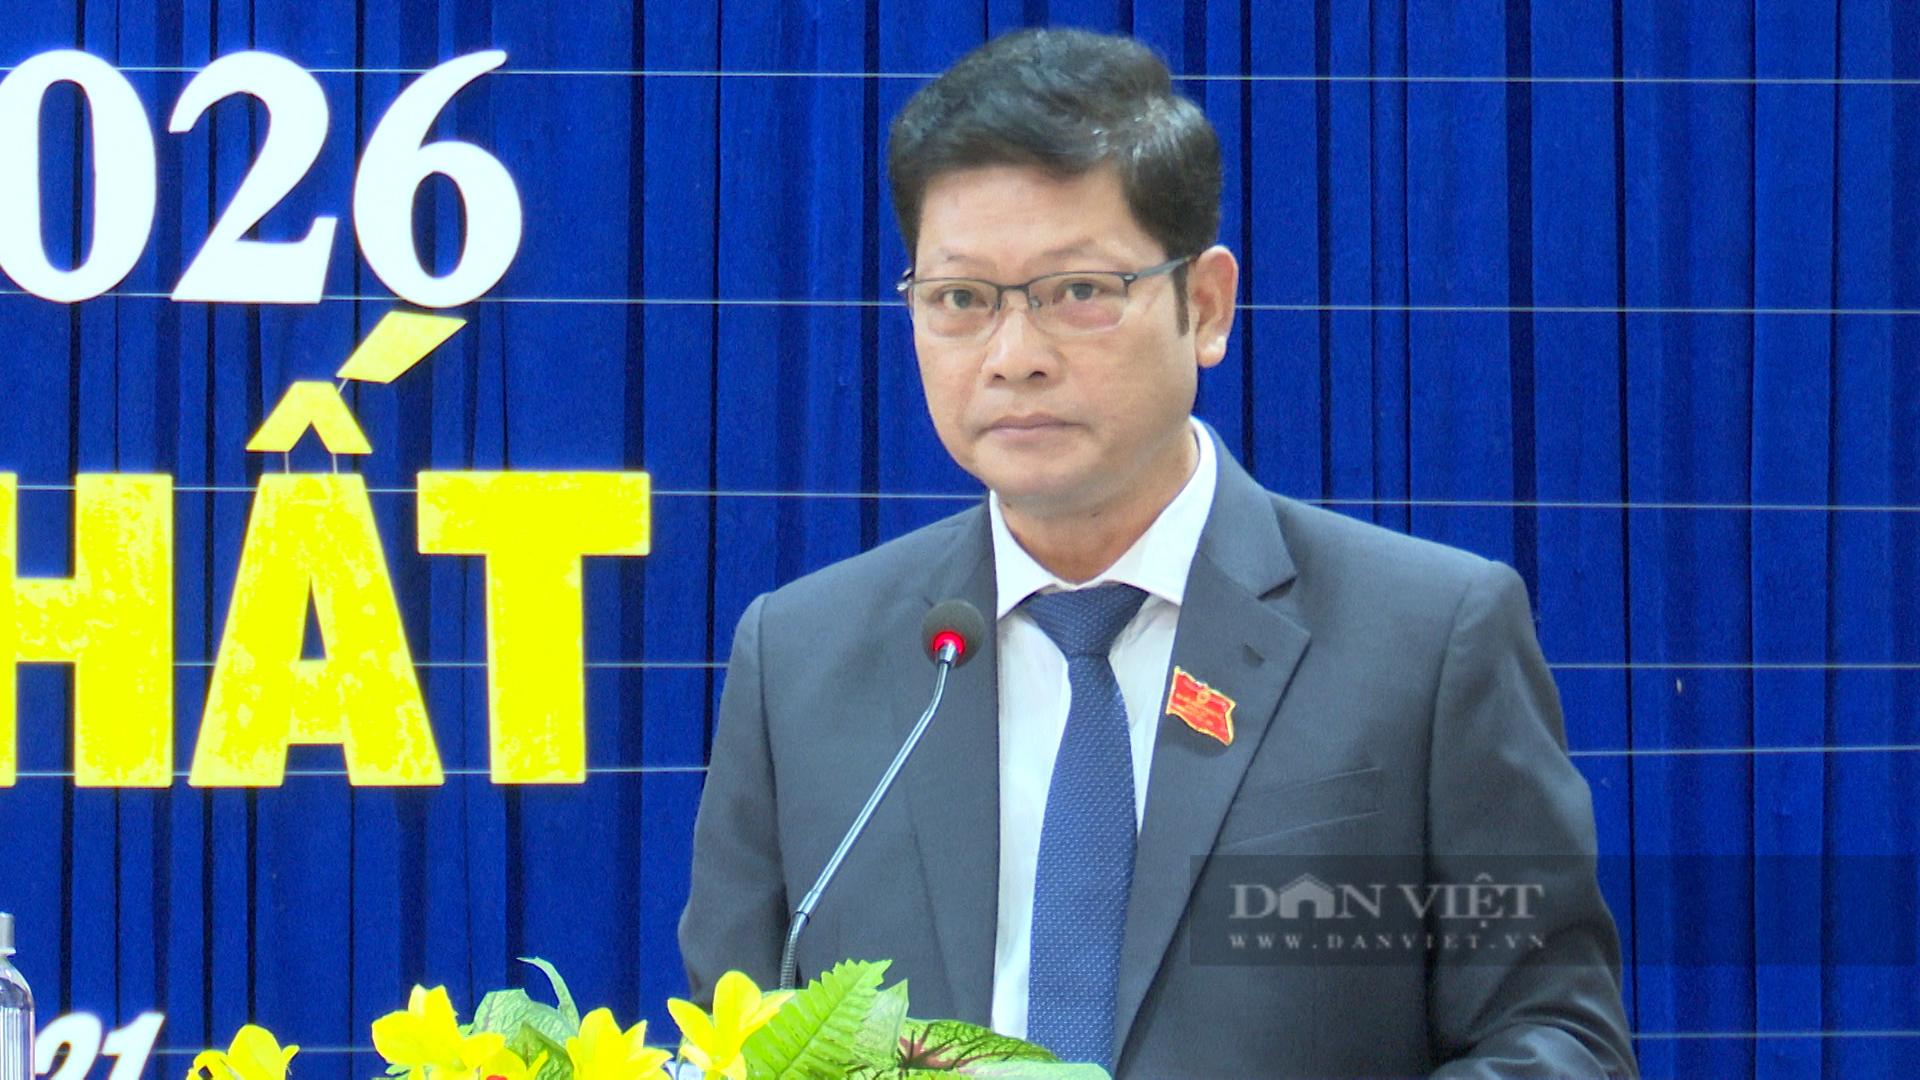 Tân Chủ tịch UBND TP Đông Hà Hồ Sỹ Trung. Ảnh: N.V